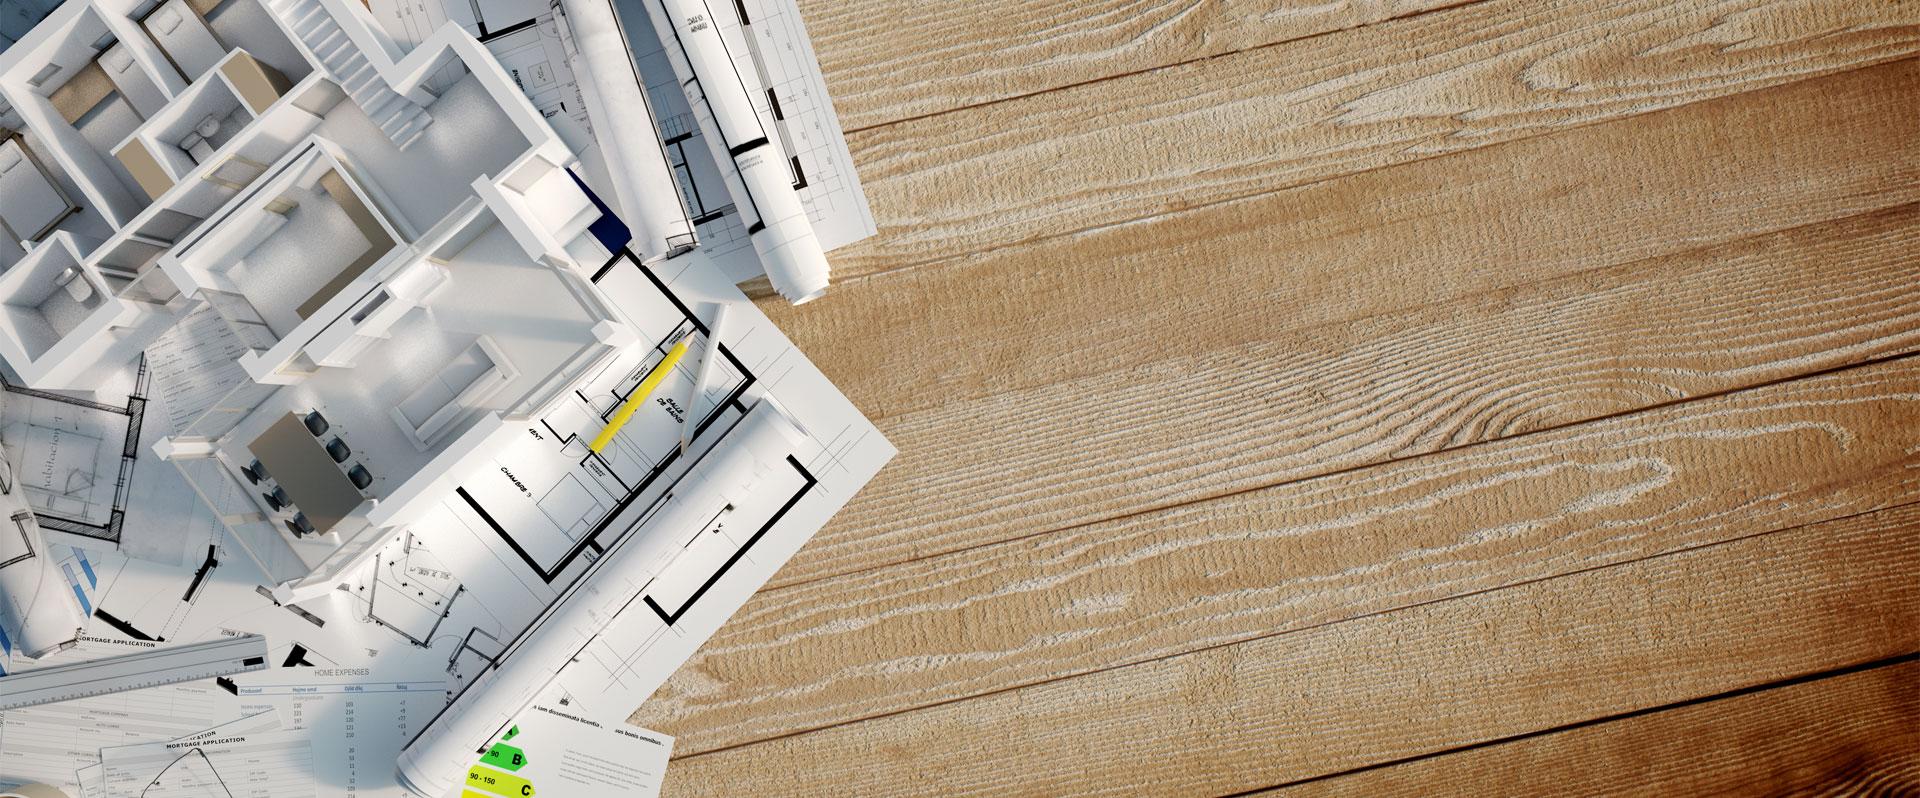 Progettazione strutturale e architettonica | BAOBAB